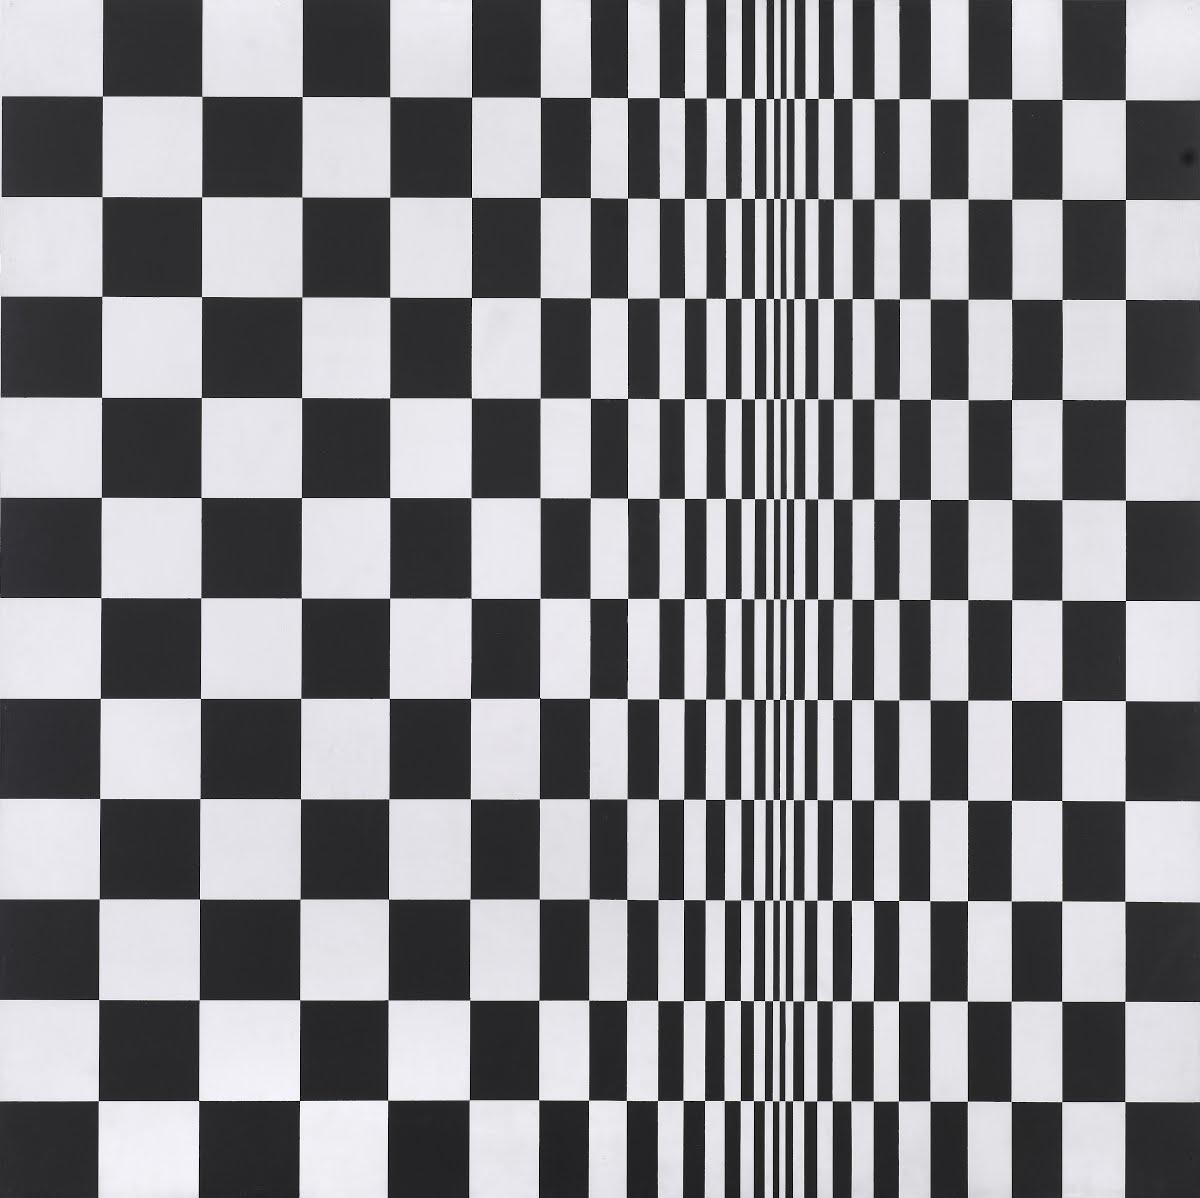 Resultado de imagen para bridget riley movement in squares